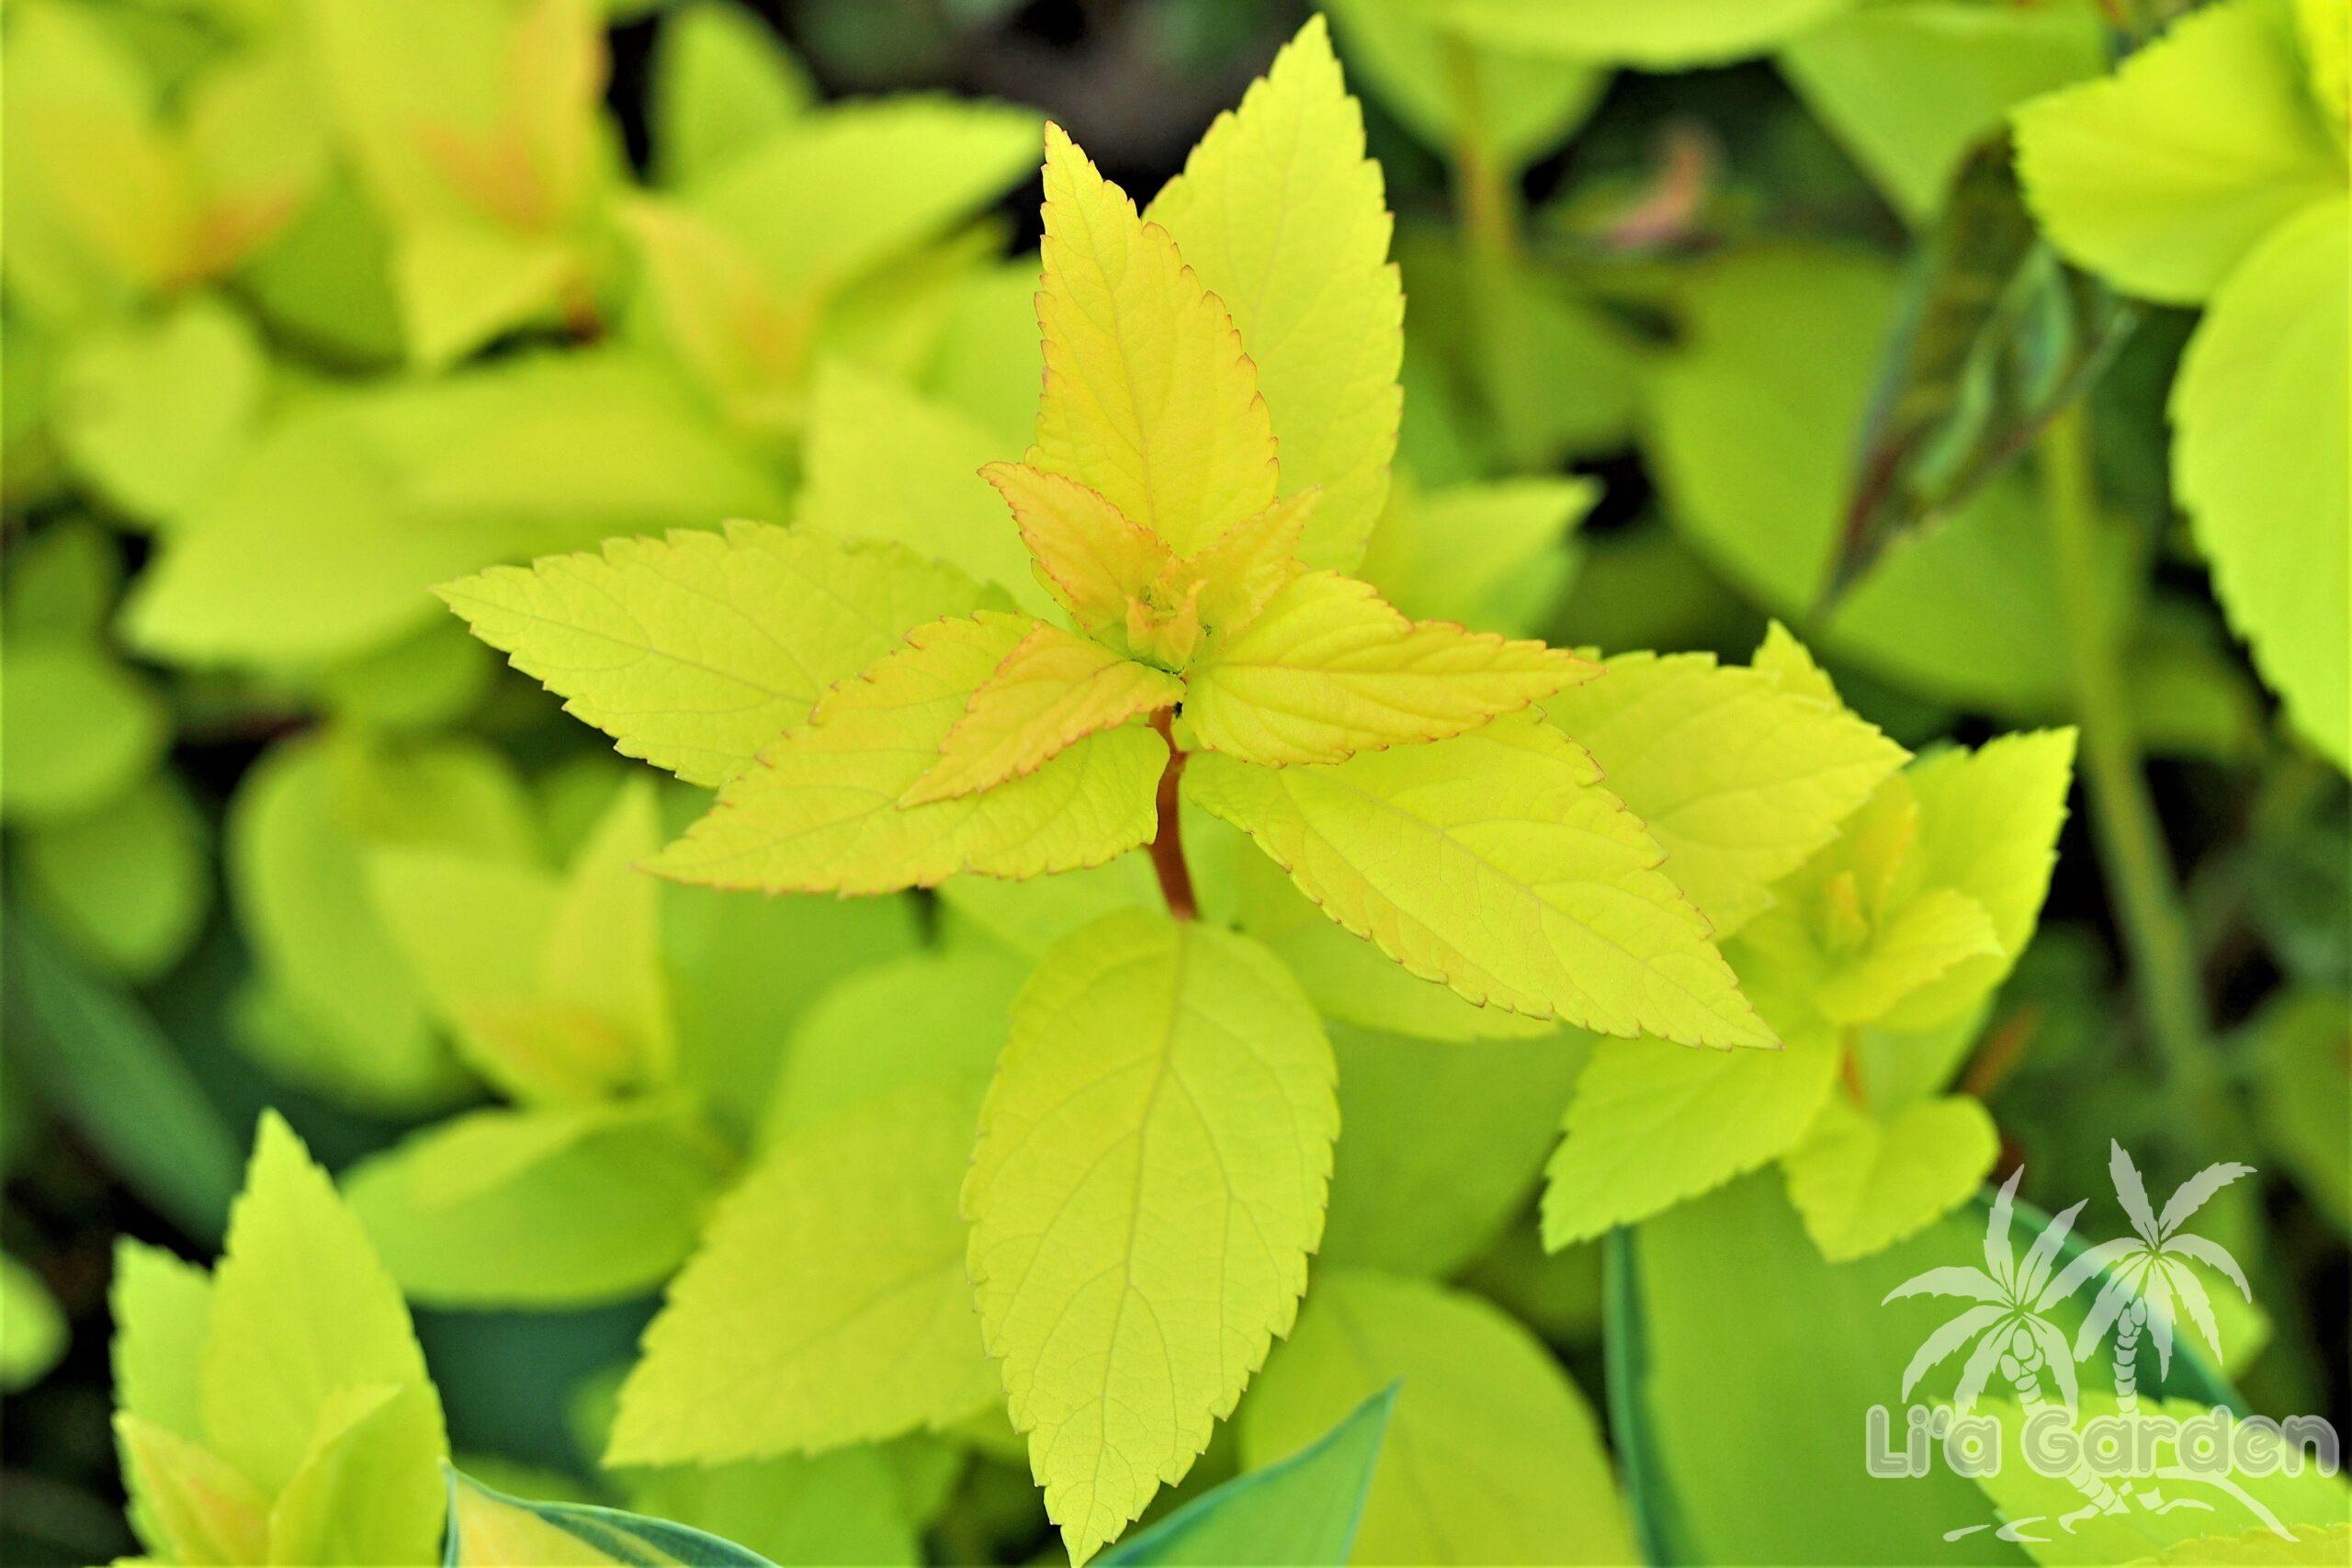 【低木】 シモツケ 'ゴールドフレーム' 'ライムマウンド' 〈落葉広葉樹〉